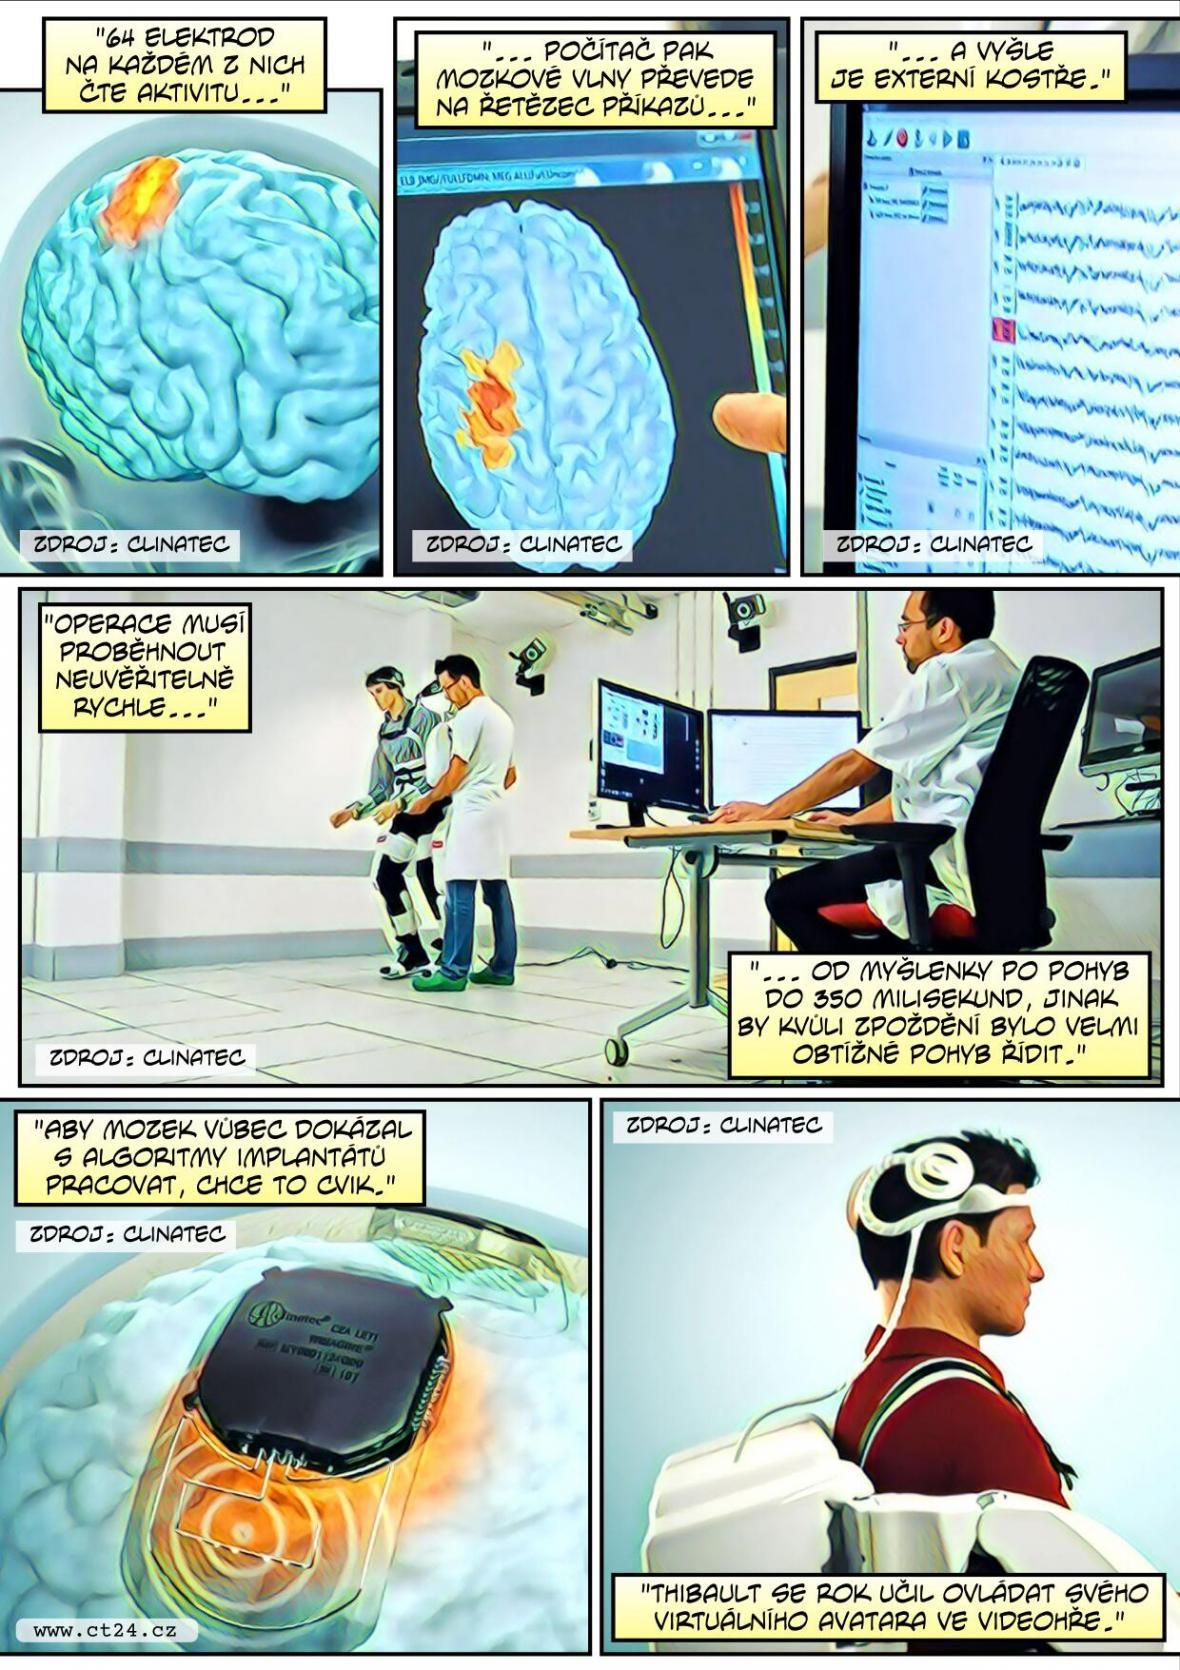 Robotický exoskleleton pomáhá na nohy ochrnutým. Ovládá se pomocí myšlenek